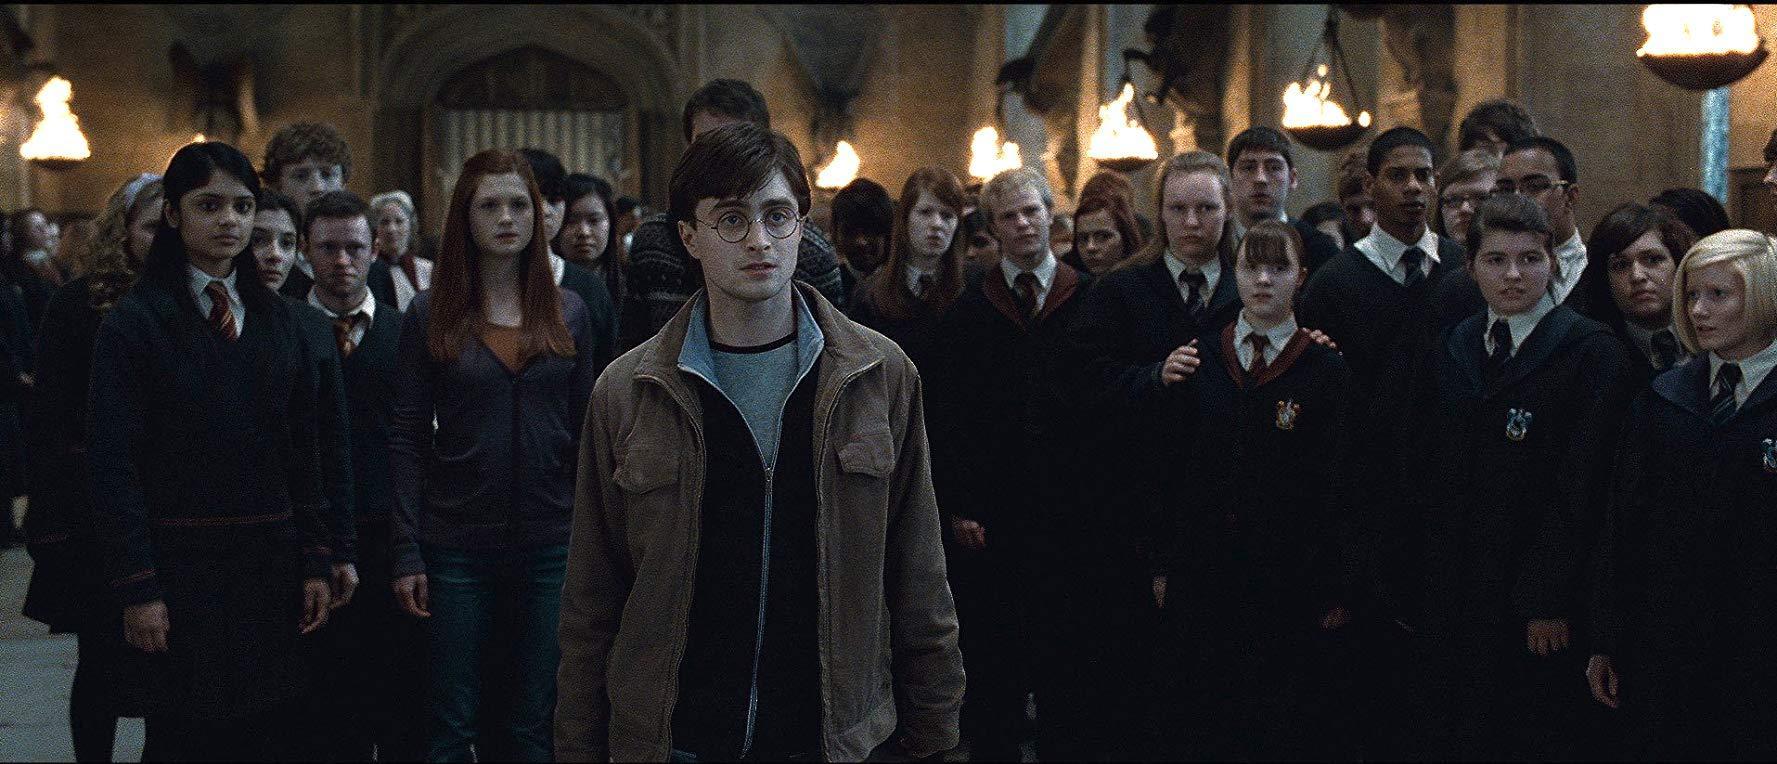 فيلم Harry Potter And The Deathly Hallows Part 2 2011 مترجم